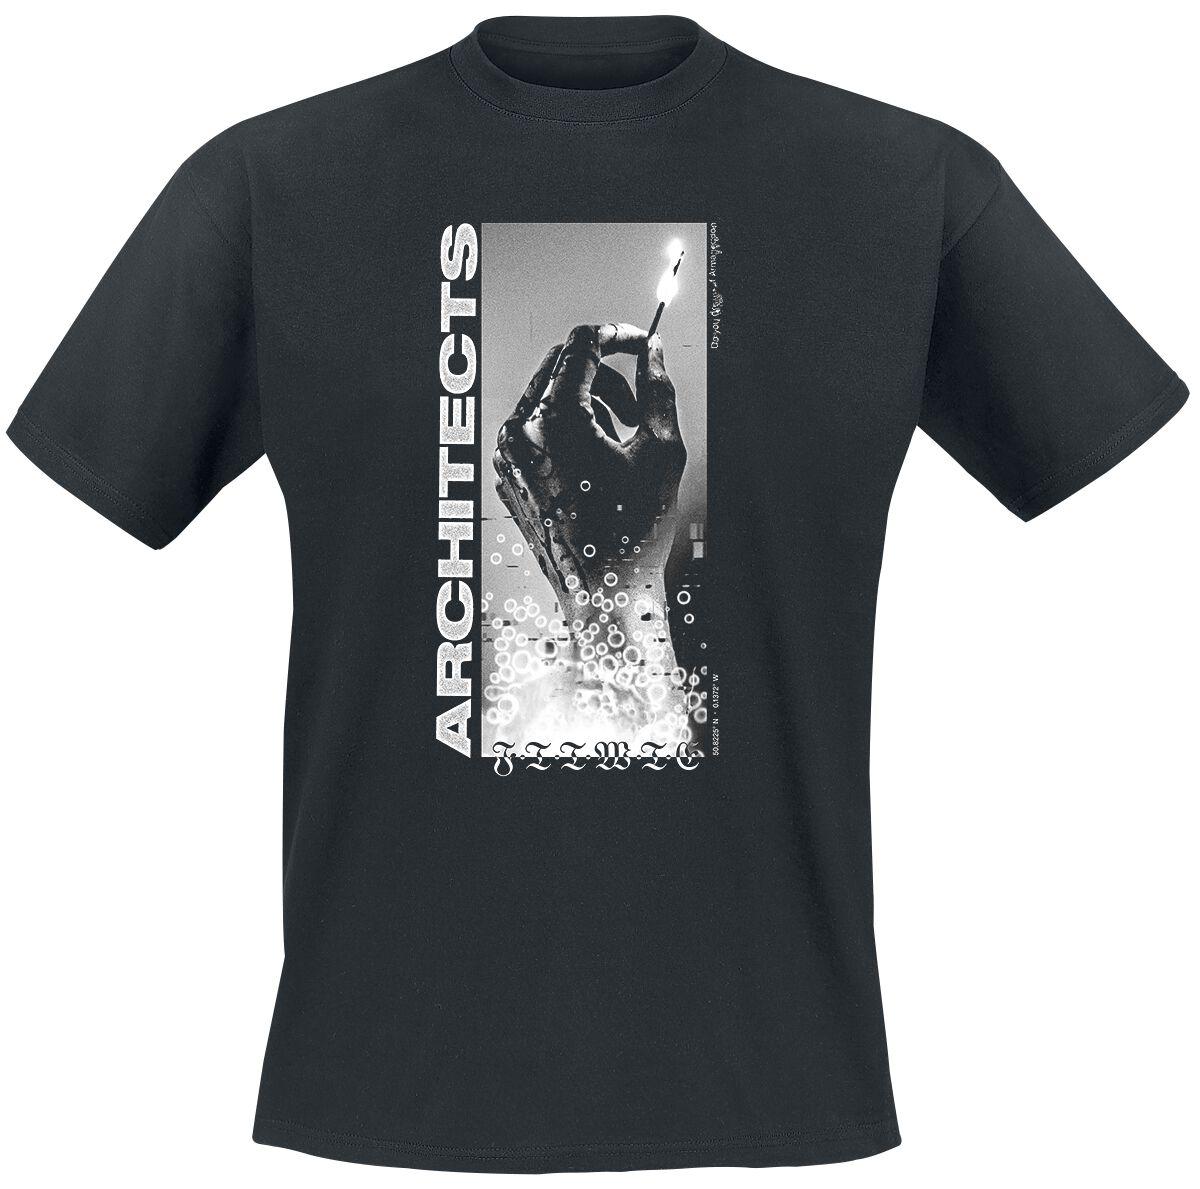 Image of Architects Armageddon T-Shirt schwarz